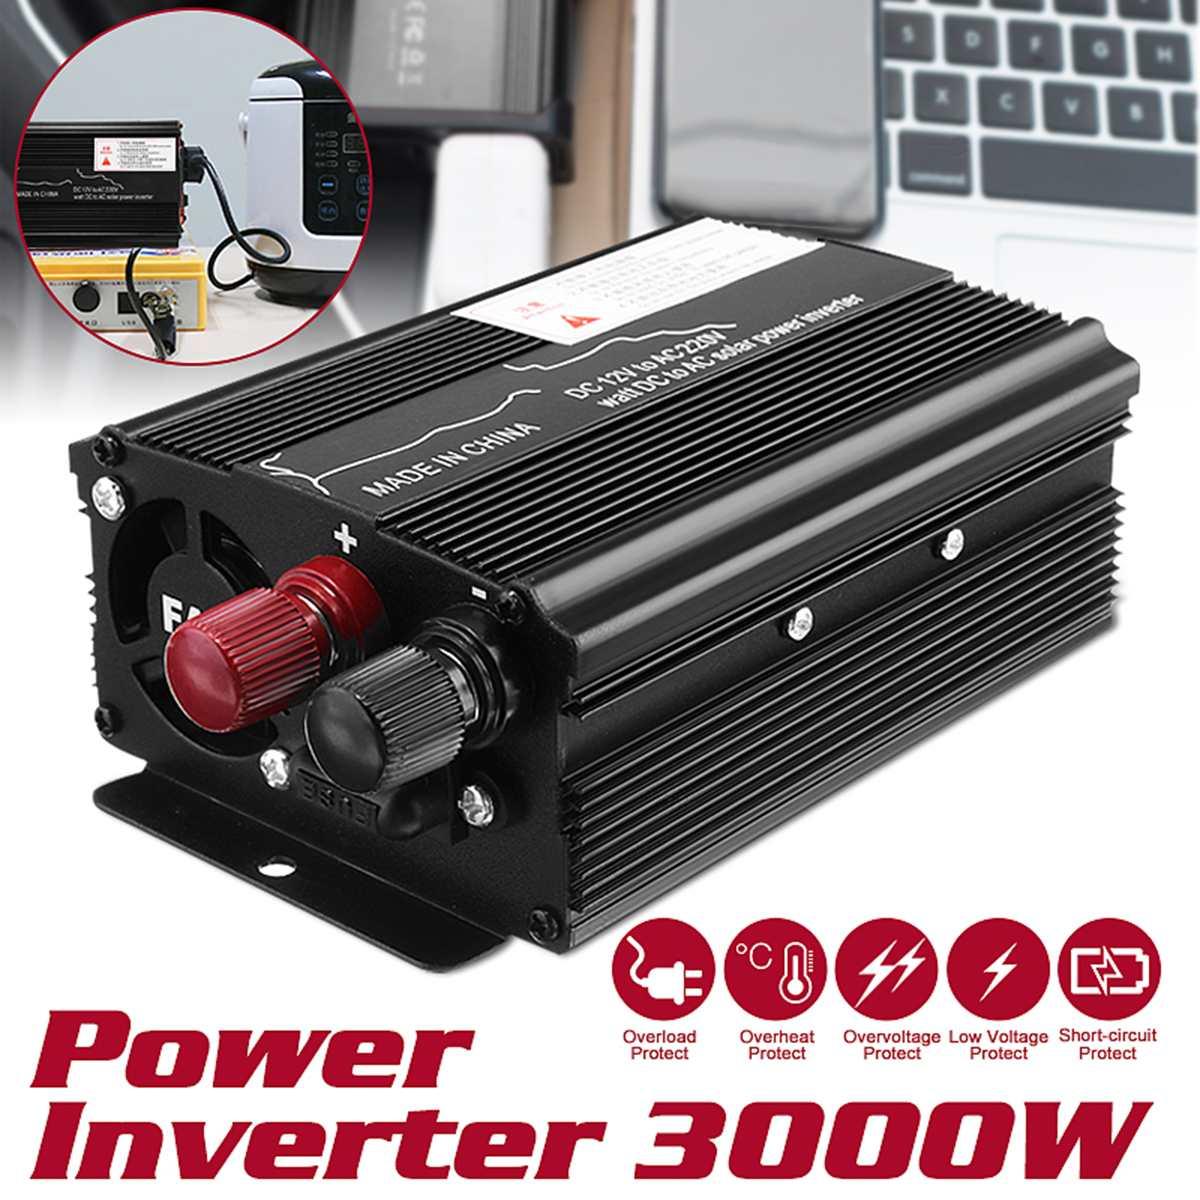 Автомобильный солнечный инвертор 12 В 220 в 3000 Вт P eak, автомобильный инвертор, преобразователь напряжения, преобразователь синусоидальной волны для автомобиля, грузовика|Инверторы для авто|   | АлиЭкспресс